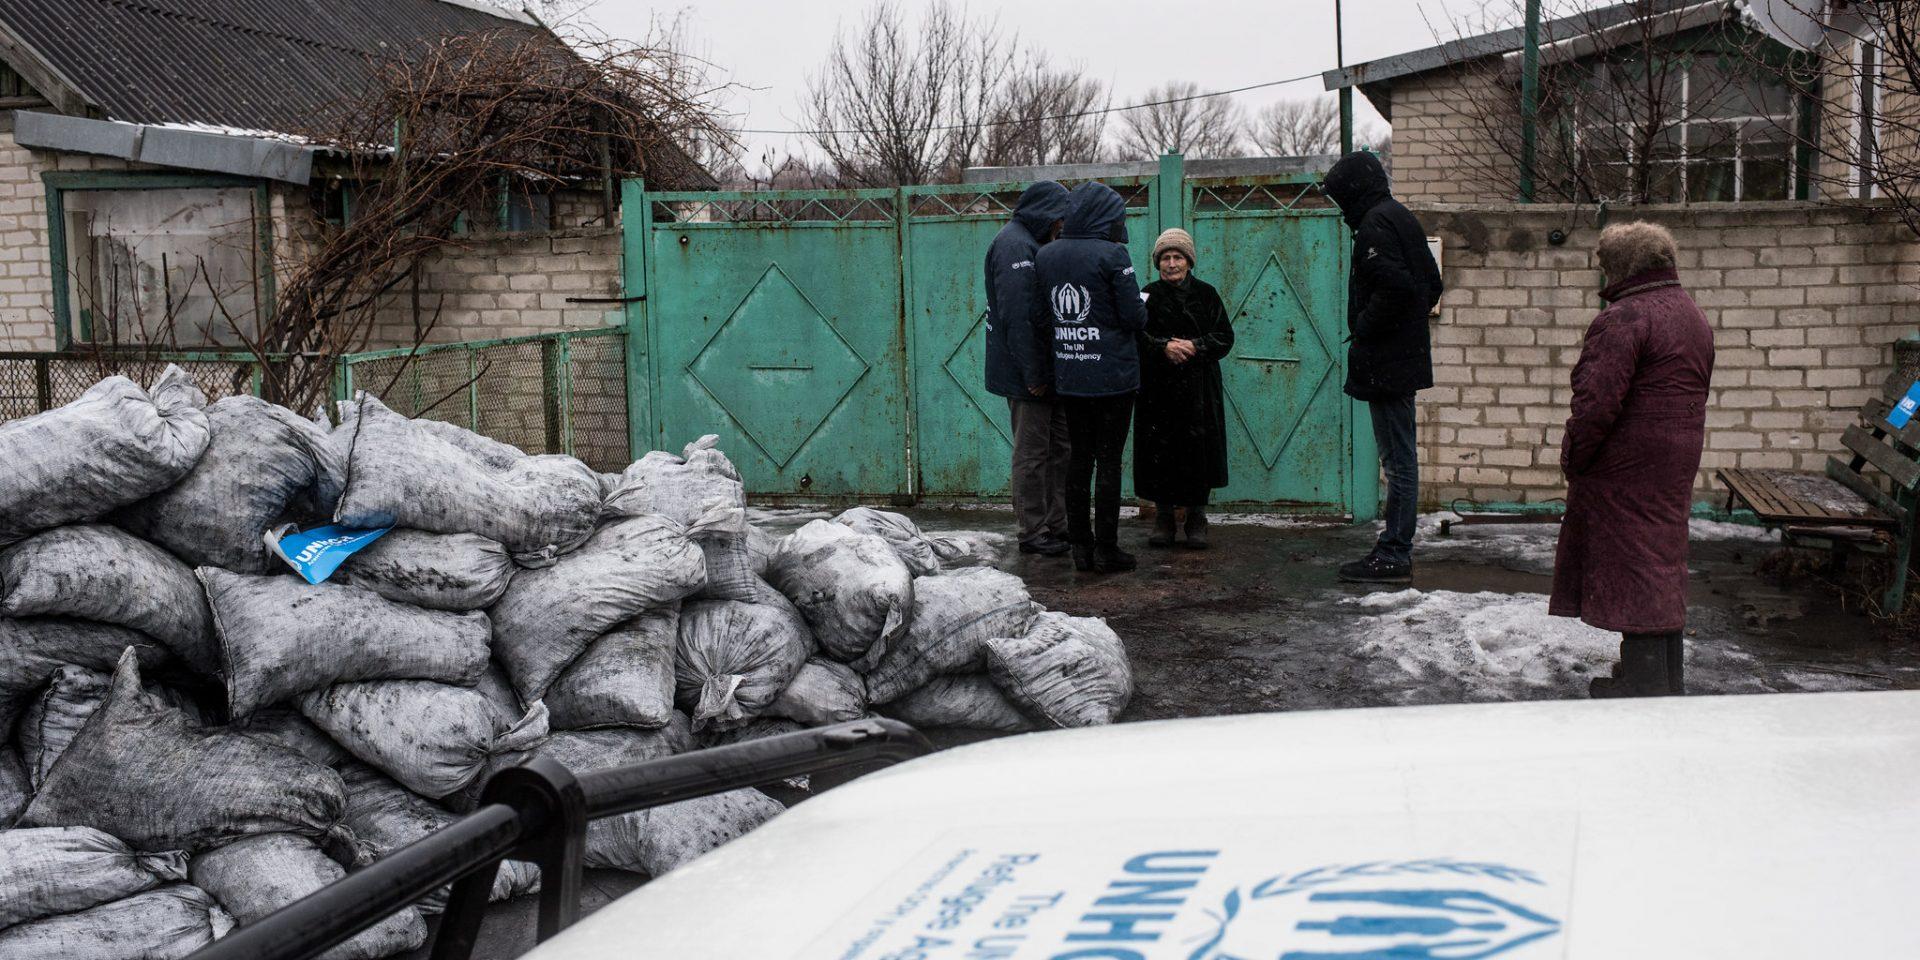 Miljoner människor i östra Ukraina är beroende av nödhjälp, som leverans av eldningskol för att hålla värmen under vintern.